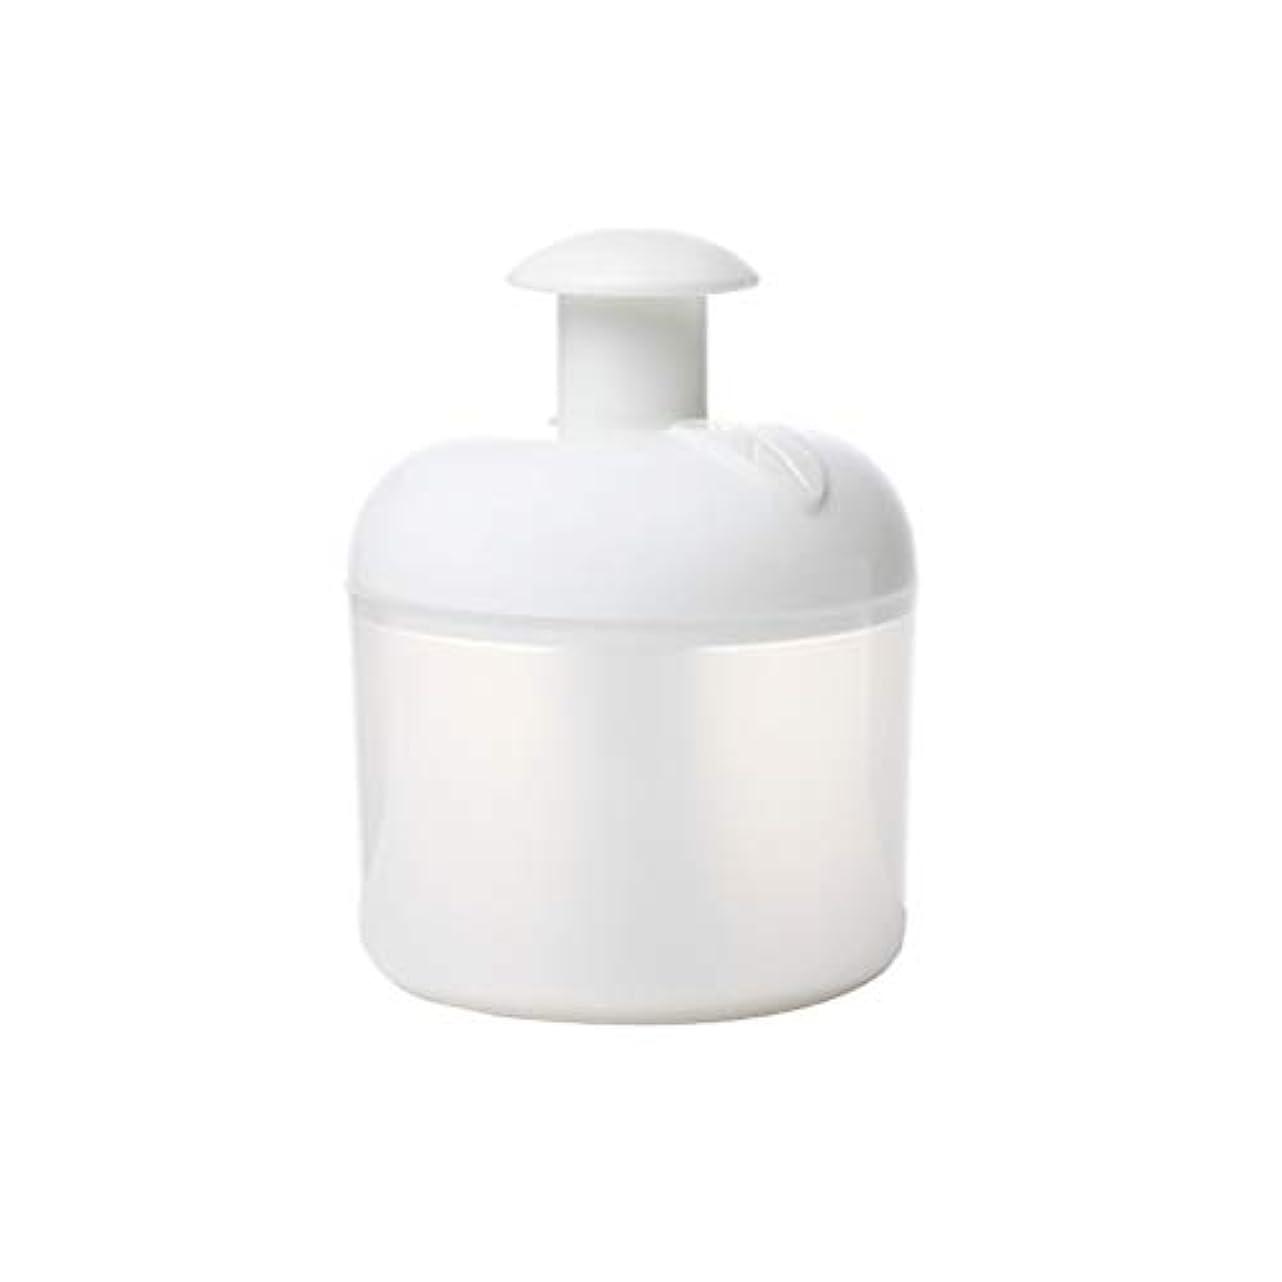 神経ピービッシュ無限大Lurrose 洗顔泡立て器フェイスクレンザーバブルメーカー用フェイスウォッシュスキンケアトラベル家庭用(ホワイト)